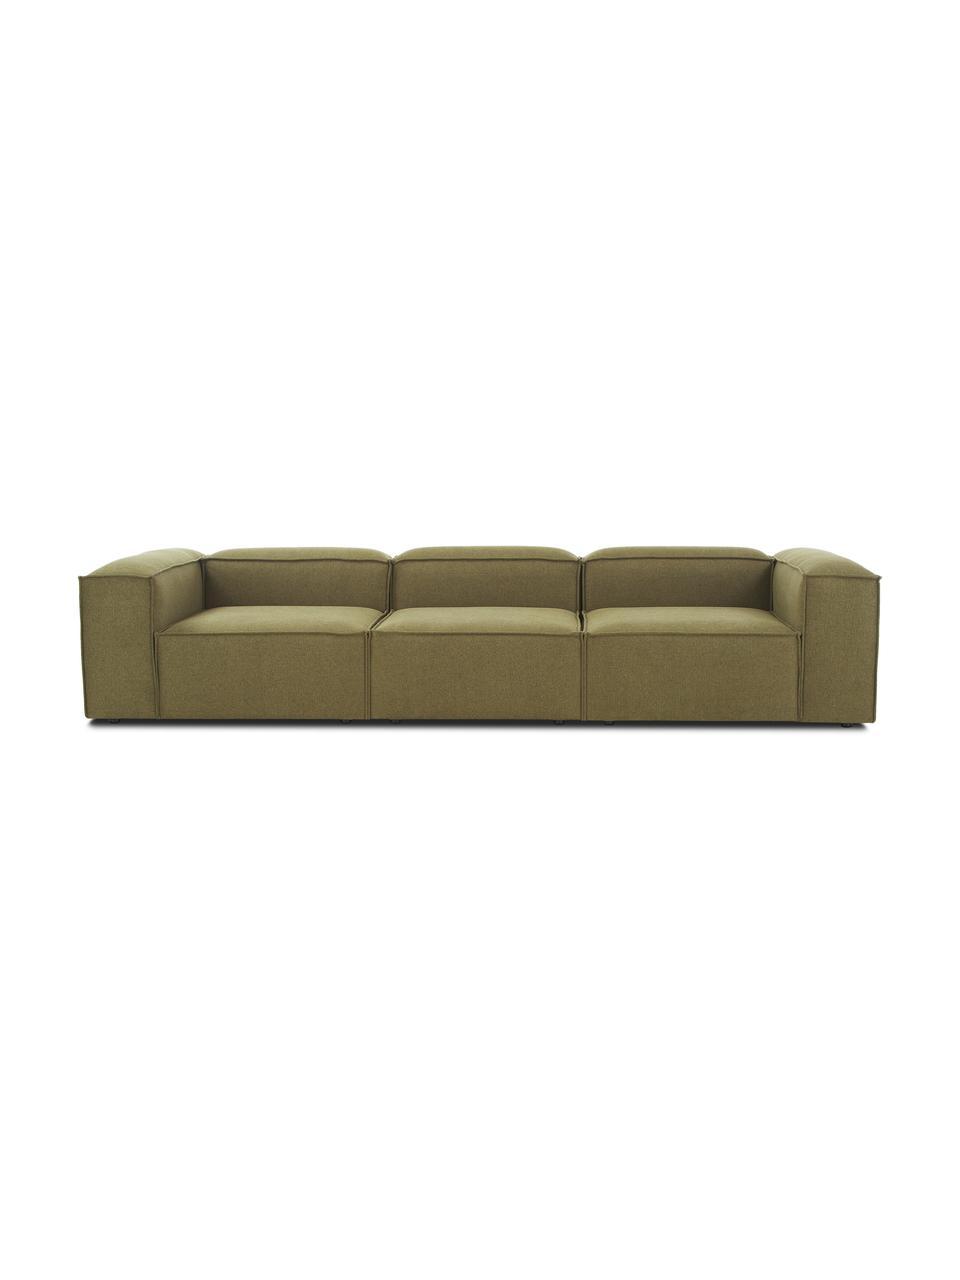 Modulaire bank Lennon (4-zits) in groen, Bekleding: 100% polyester, Frame: massief grenenhout, multi, Poten: kunststof, Geweven stof groen, B 327 x D 119 cm